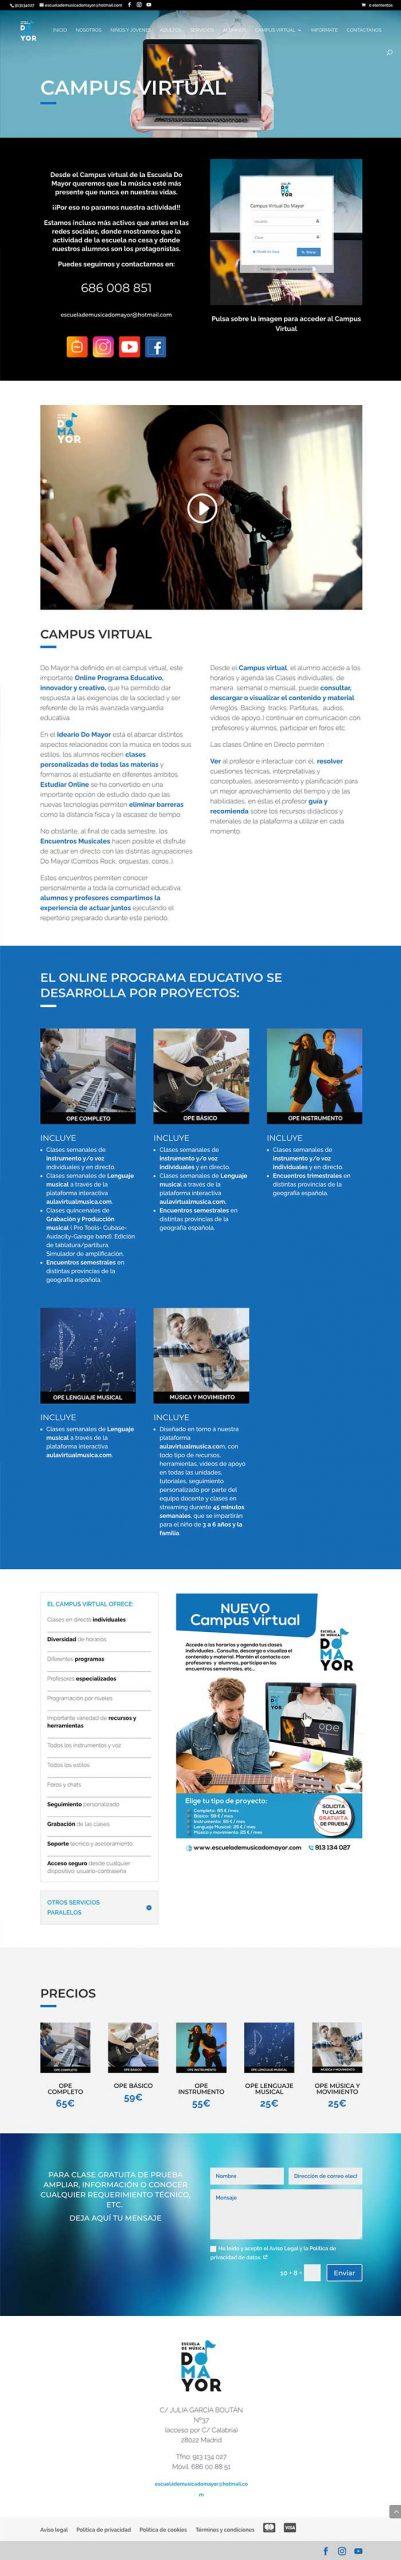 Ecommerce de Escuela de Música Do Mayor con Ecommerce, Elearning y mantenimiento. Estudio Aclararte.